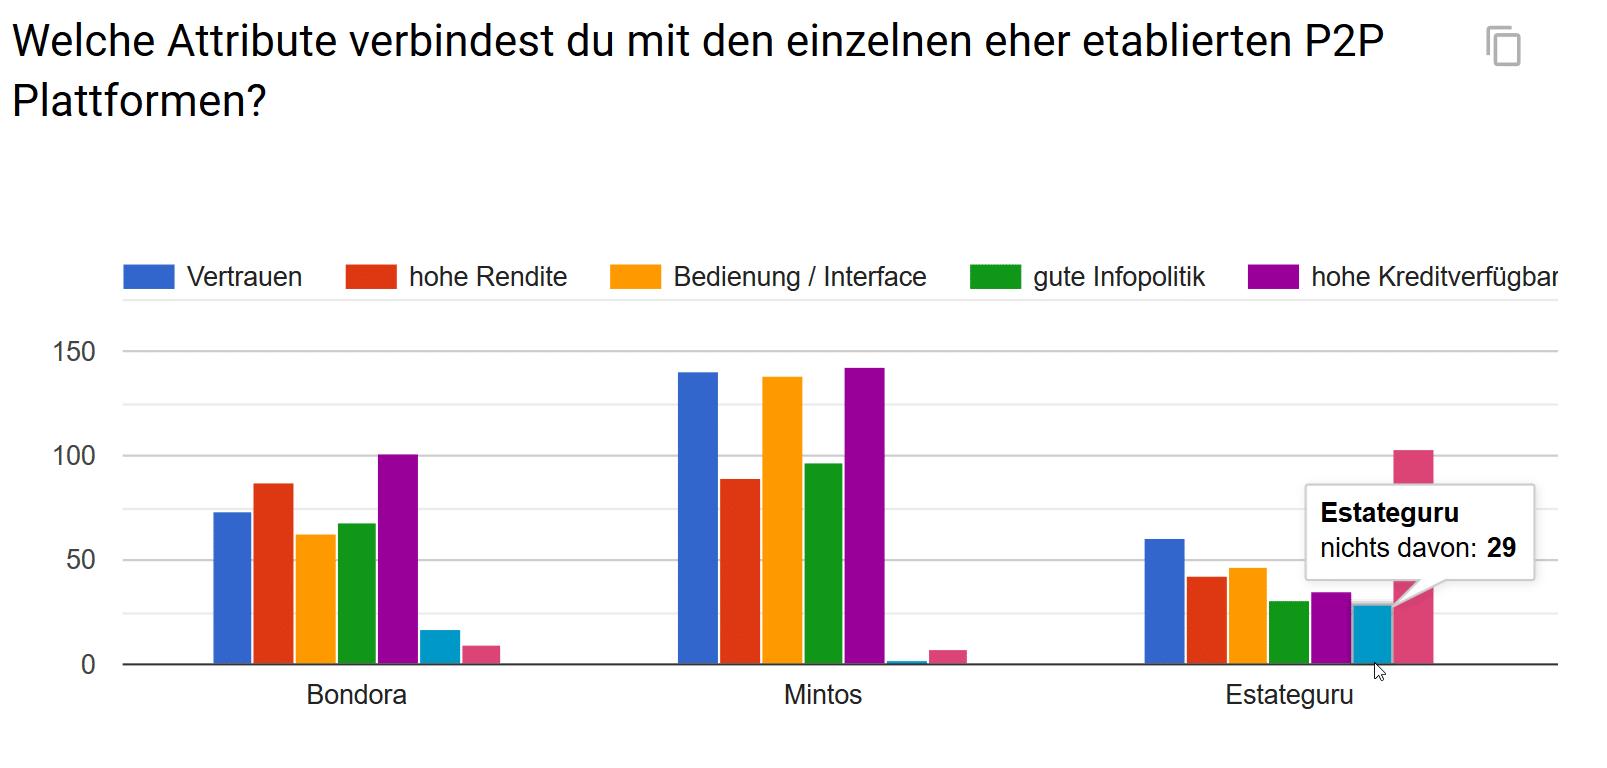 P2P Umfrage Welche Attribute verbindest du (positiv) mit den einzelnen Plattformen